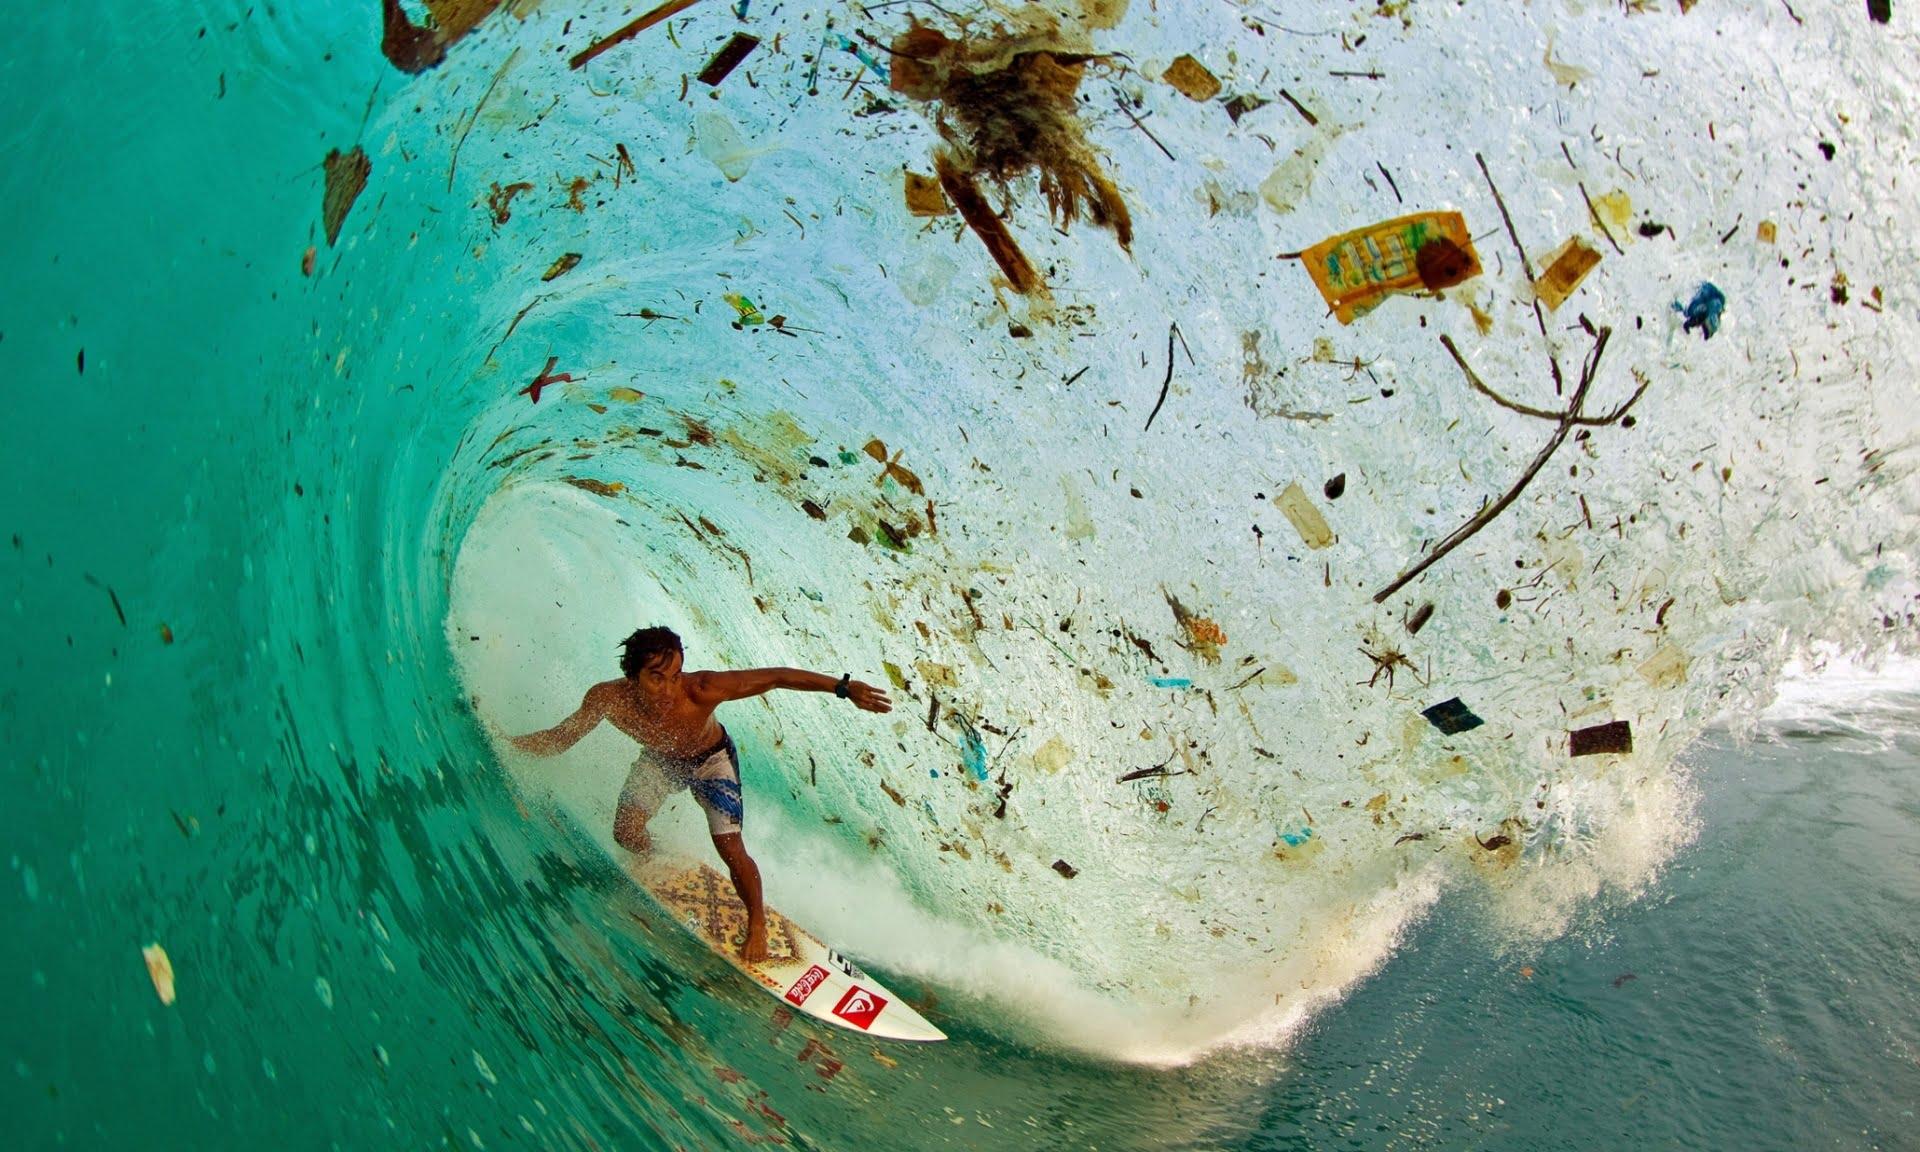 Superpopulação e super consumismo, nossa triste realidade, imagem de onda cheia de lixo